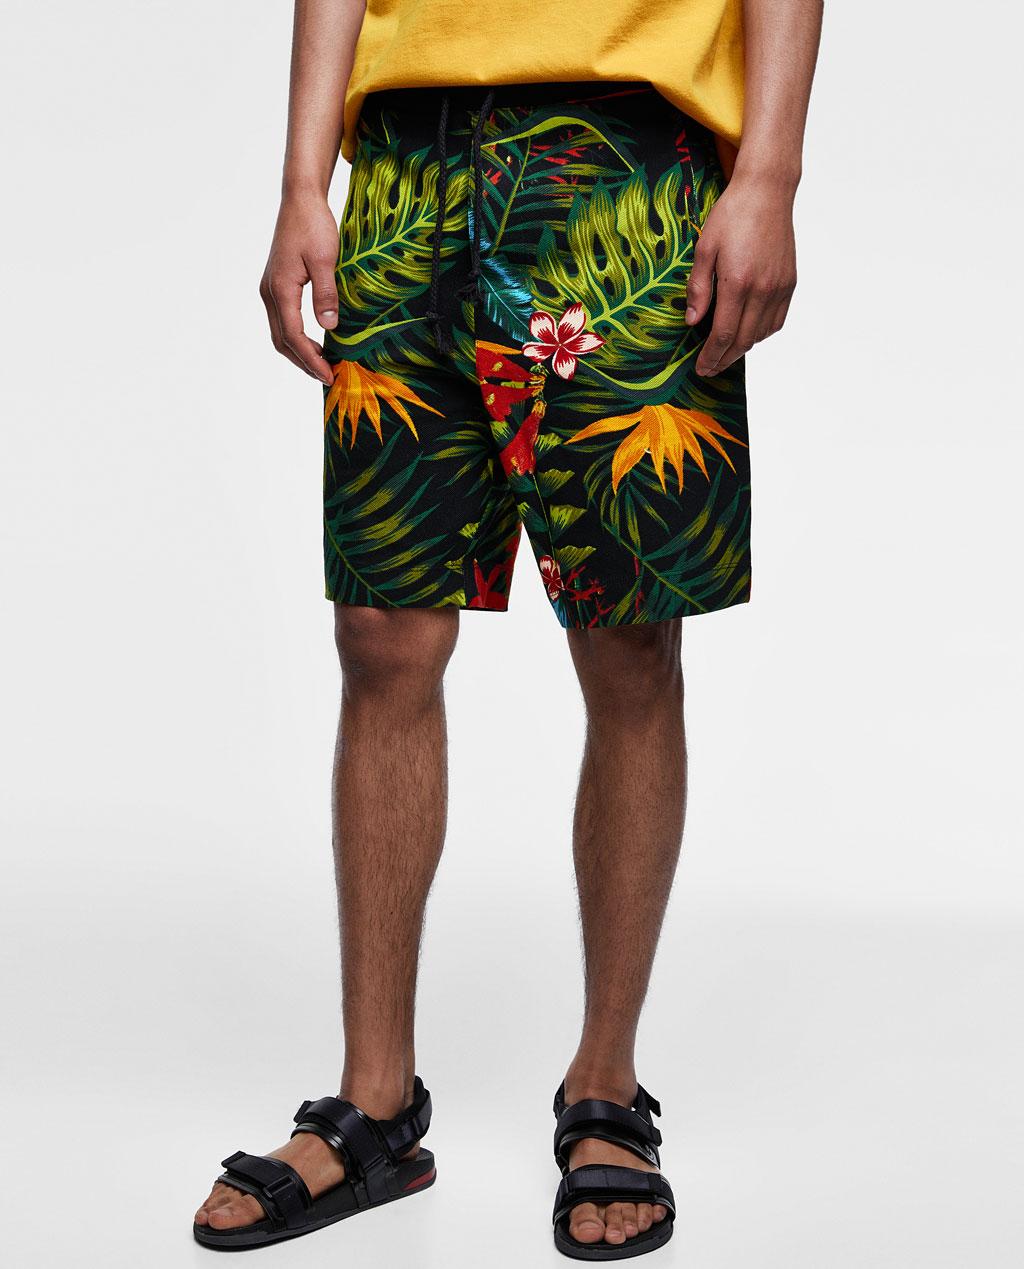 Thời trang nam Zara  24079 - ảnh 4